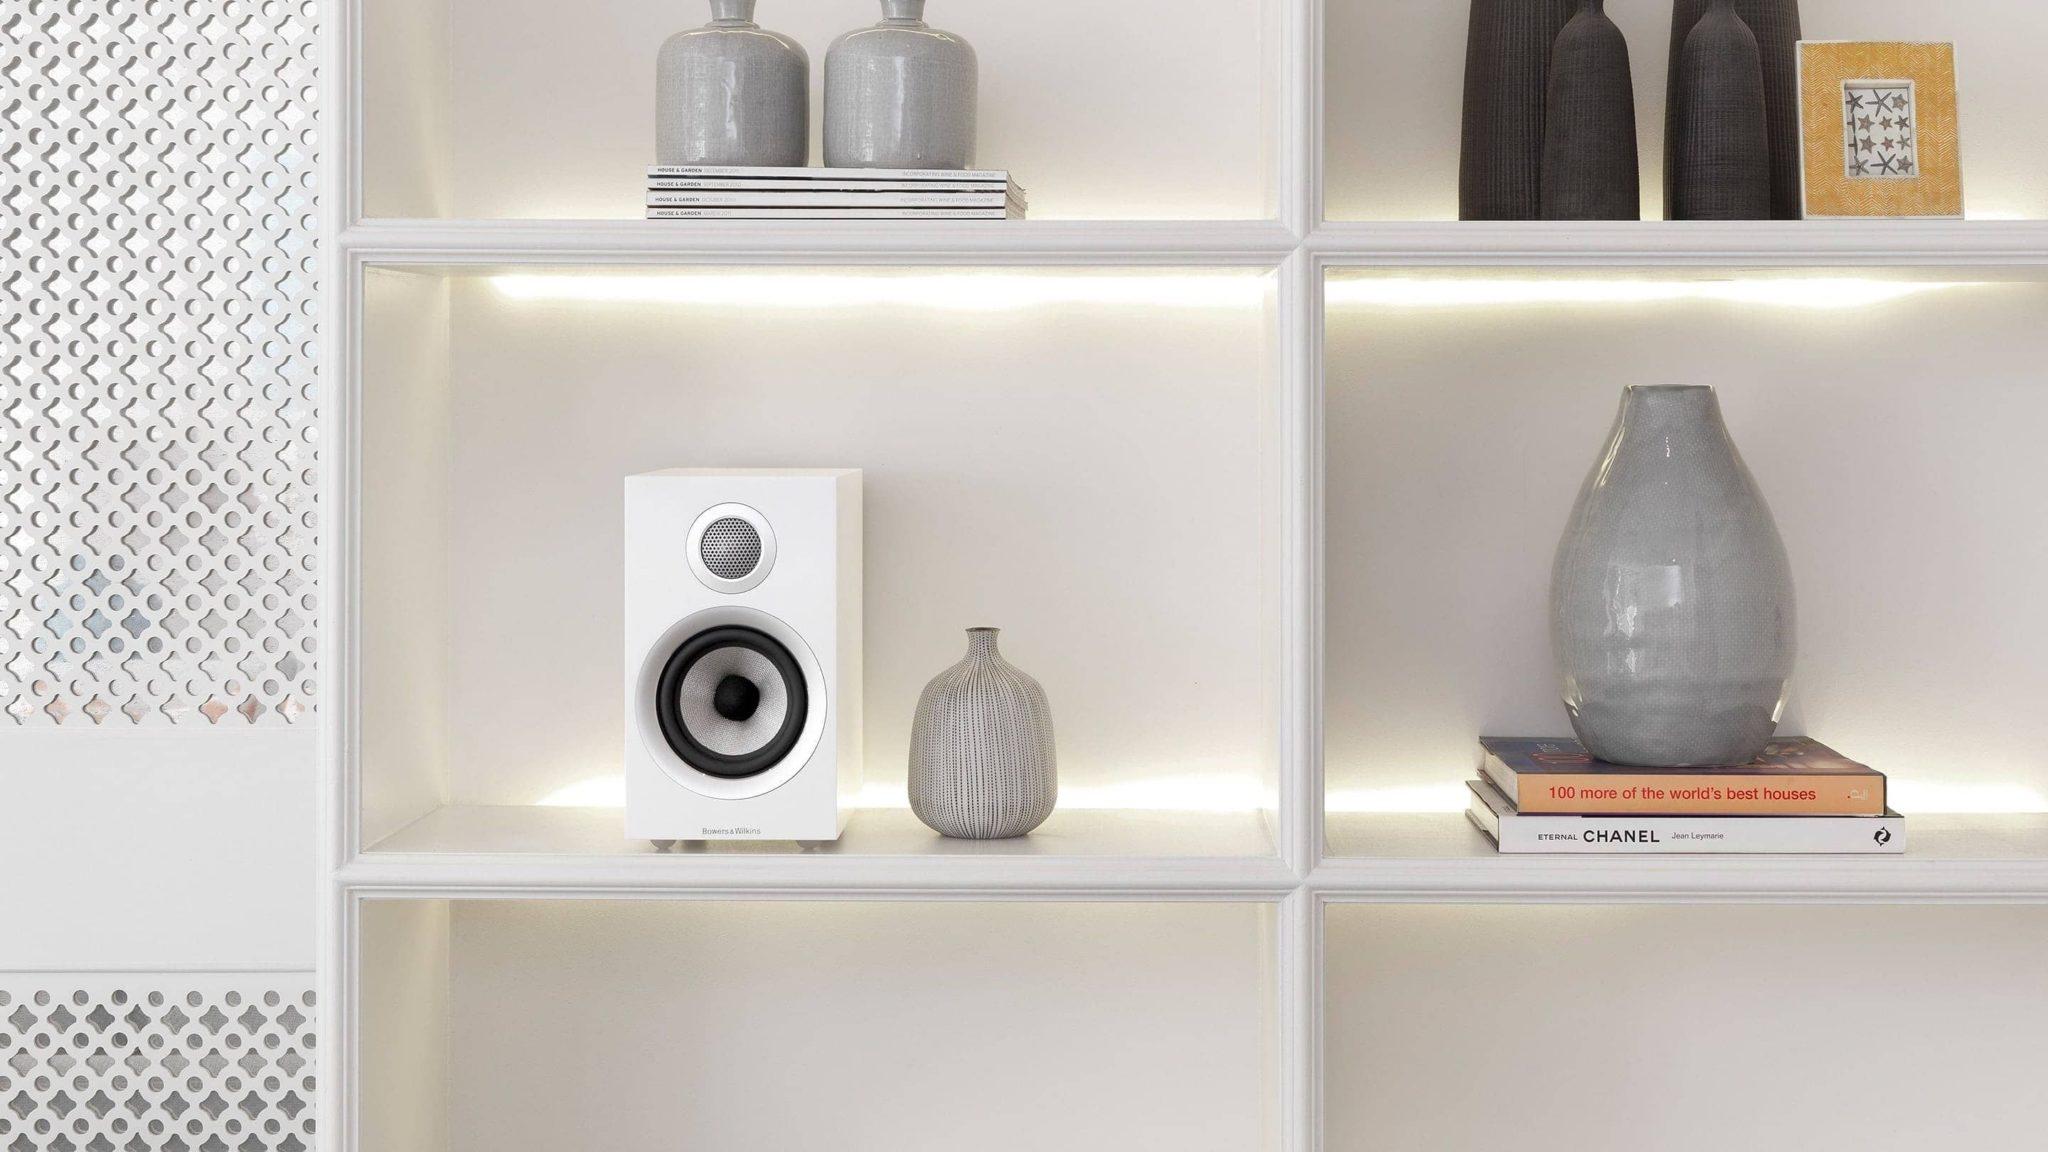 4 2 d 707 s2 700 series 2 speaker white on bookshelf compressor - 【スピーカーのおすすめ15選】元オーディオショップ店員がセレクト